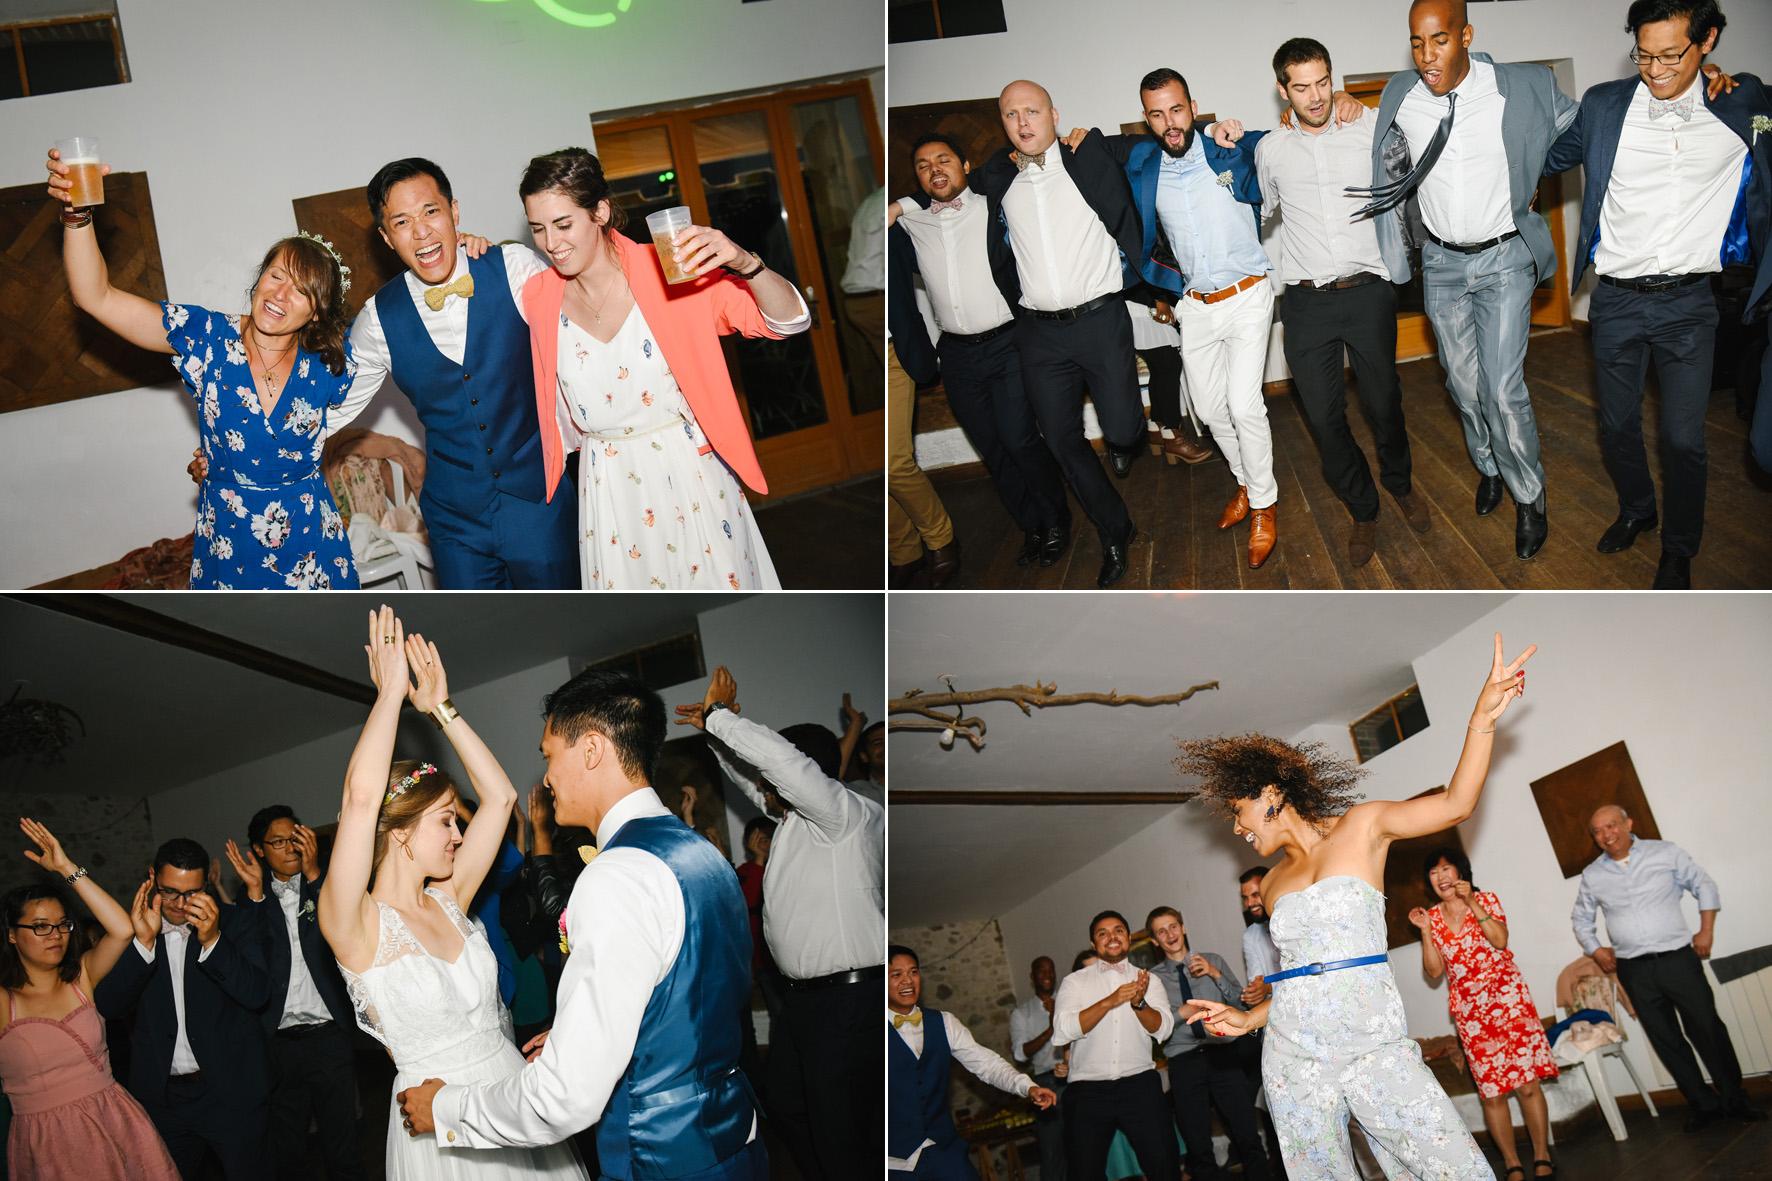 mariage_LW_domaine de la Pepiniere_seine-et-marne_77_photographie_clemence_dubois MEP33